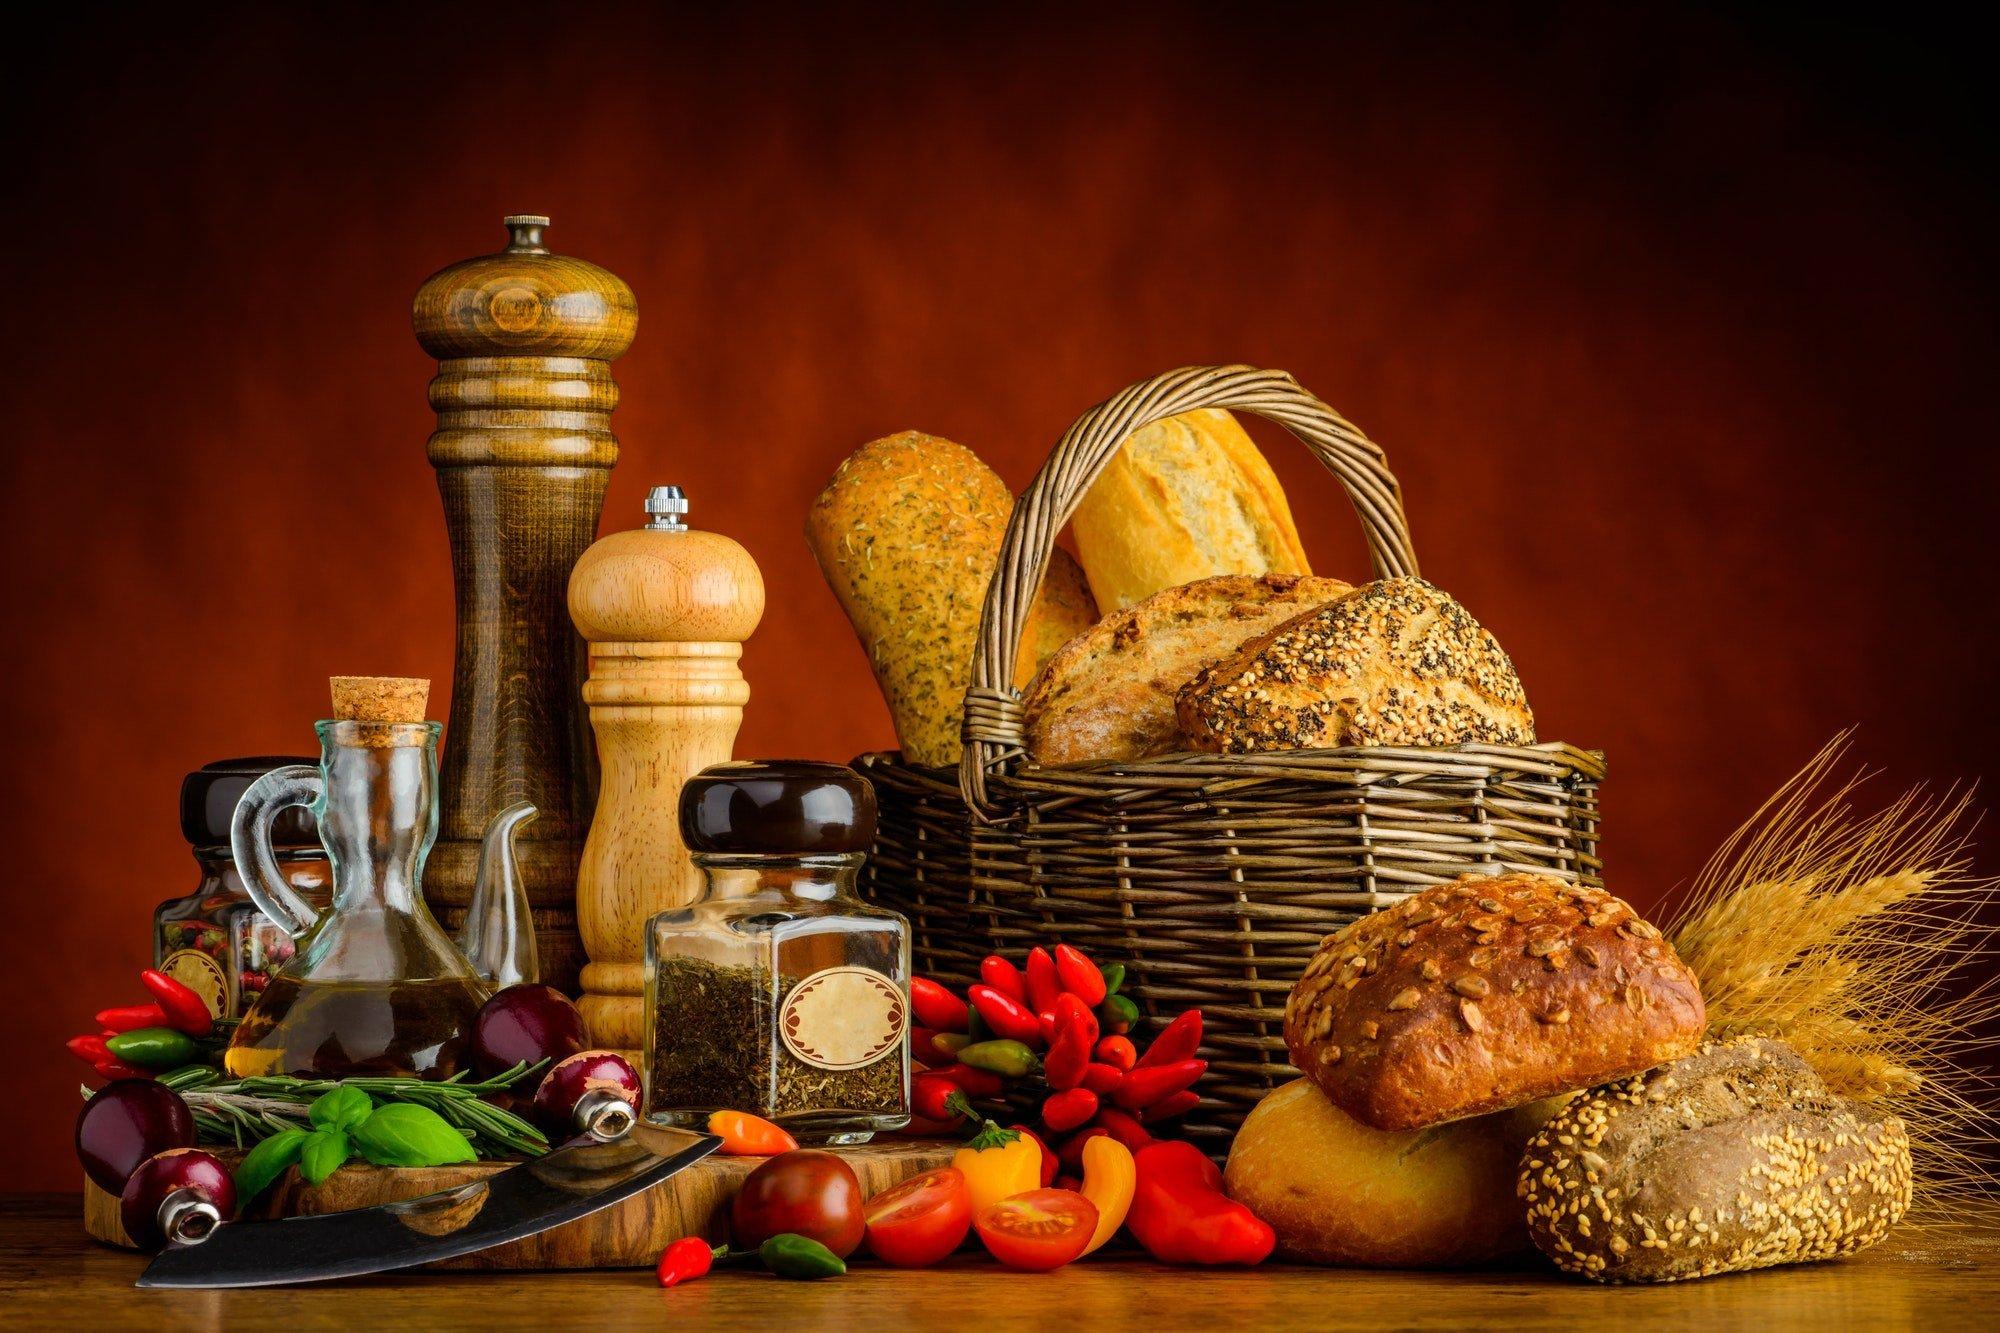 Bread, Bun and Spices